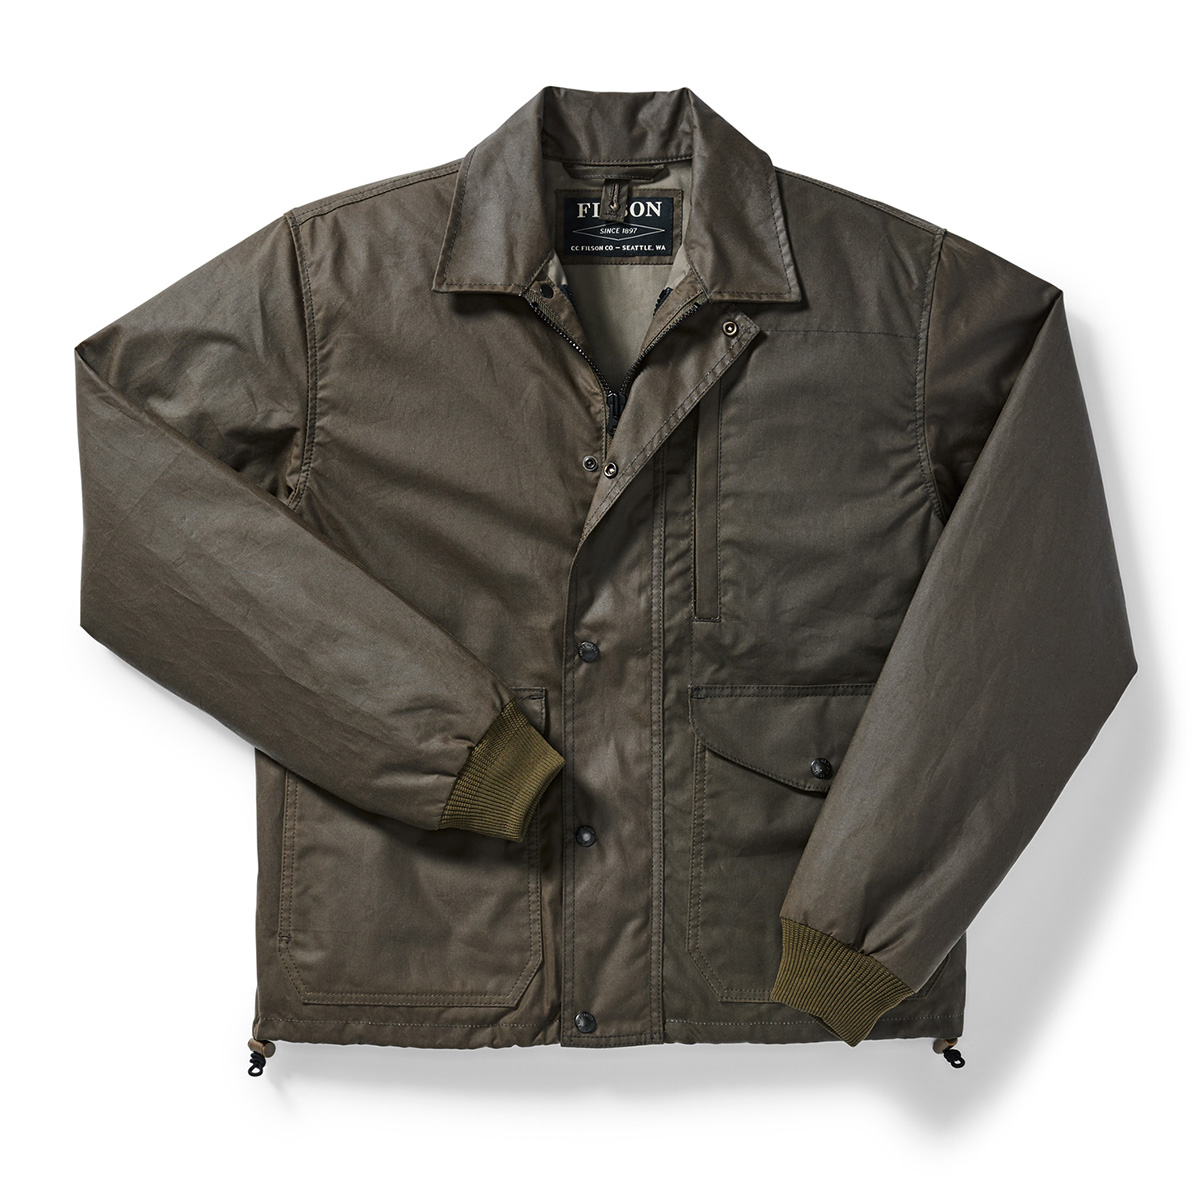 532c0d0832bd4 Filson Aberdeen Work Jacket Otter Green - The Sporting Lodge